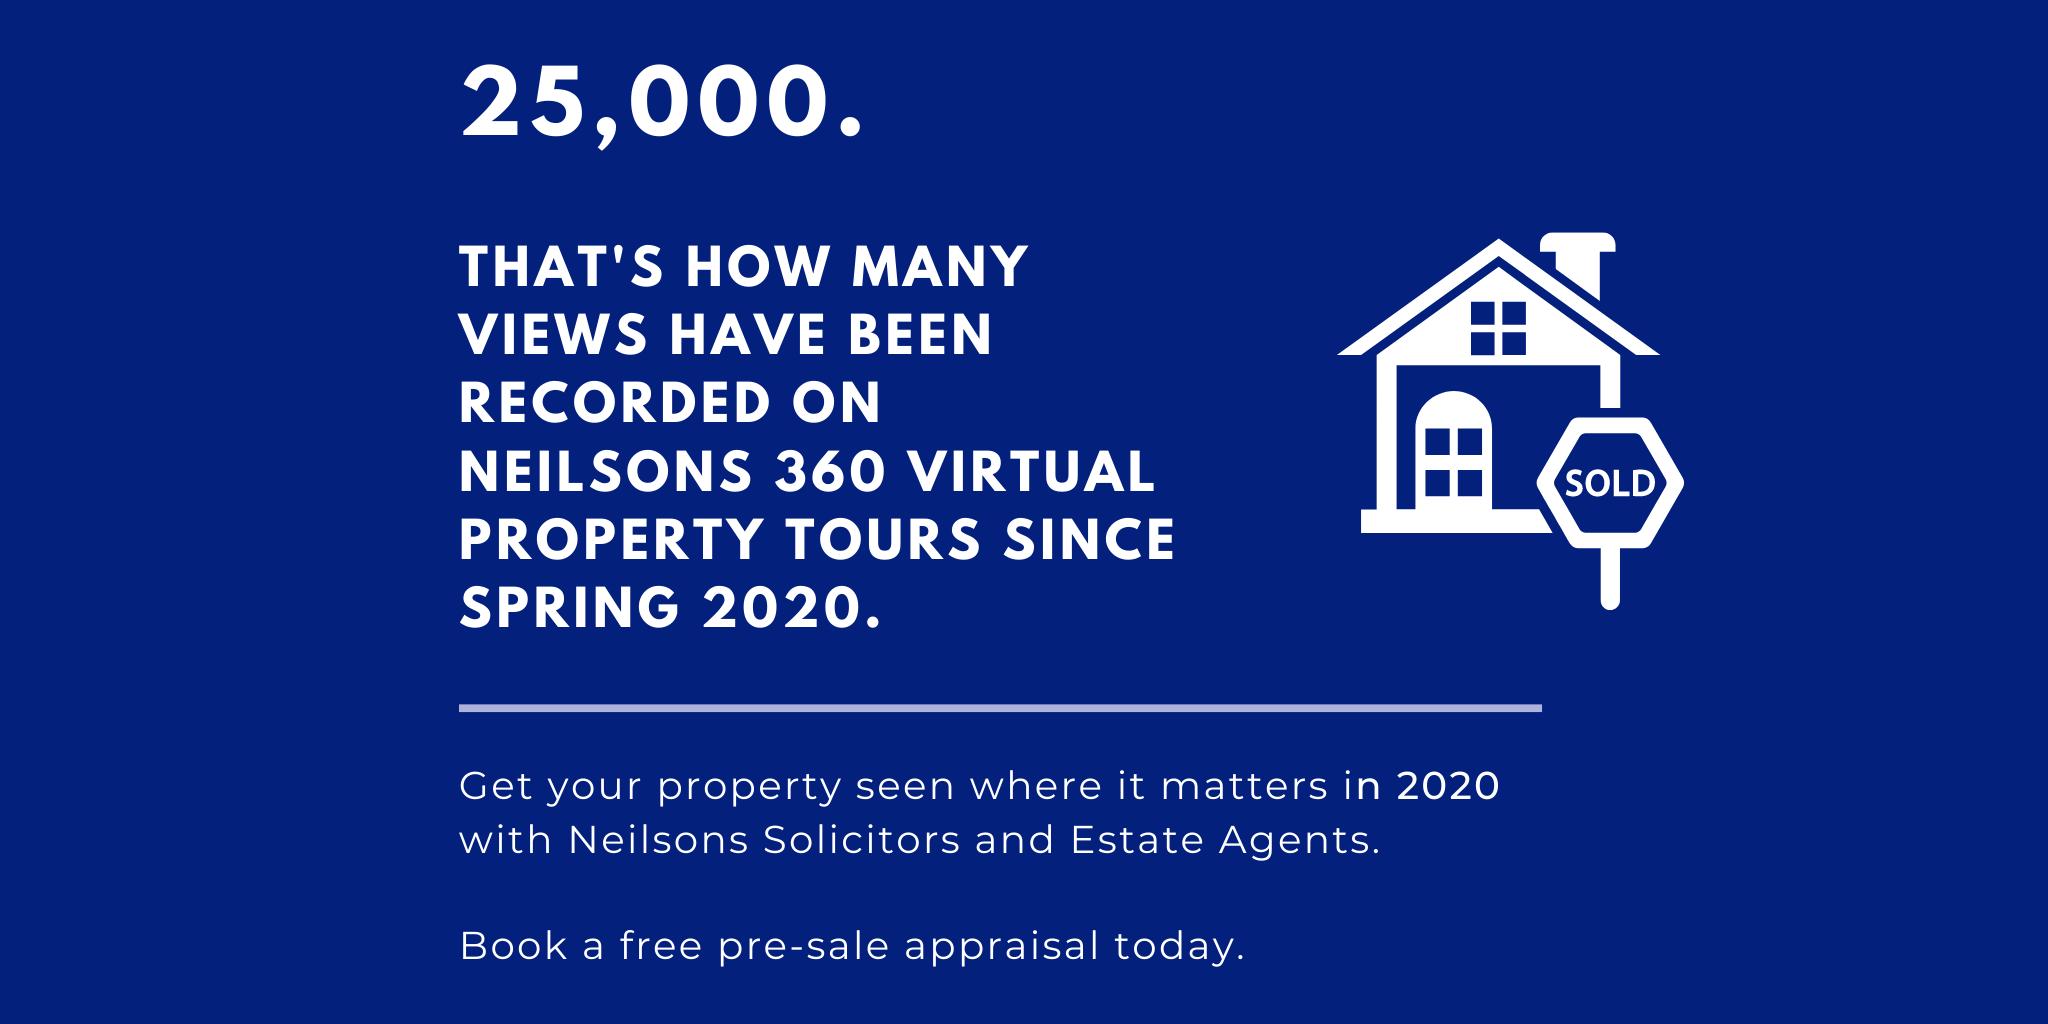 360 virtual property tour Edinburgh